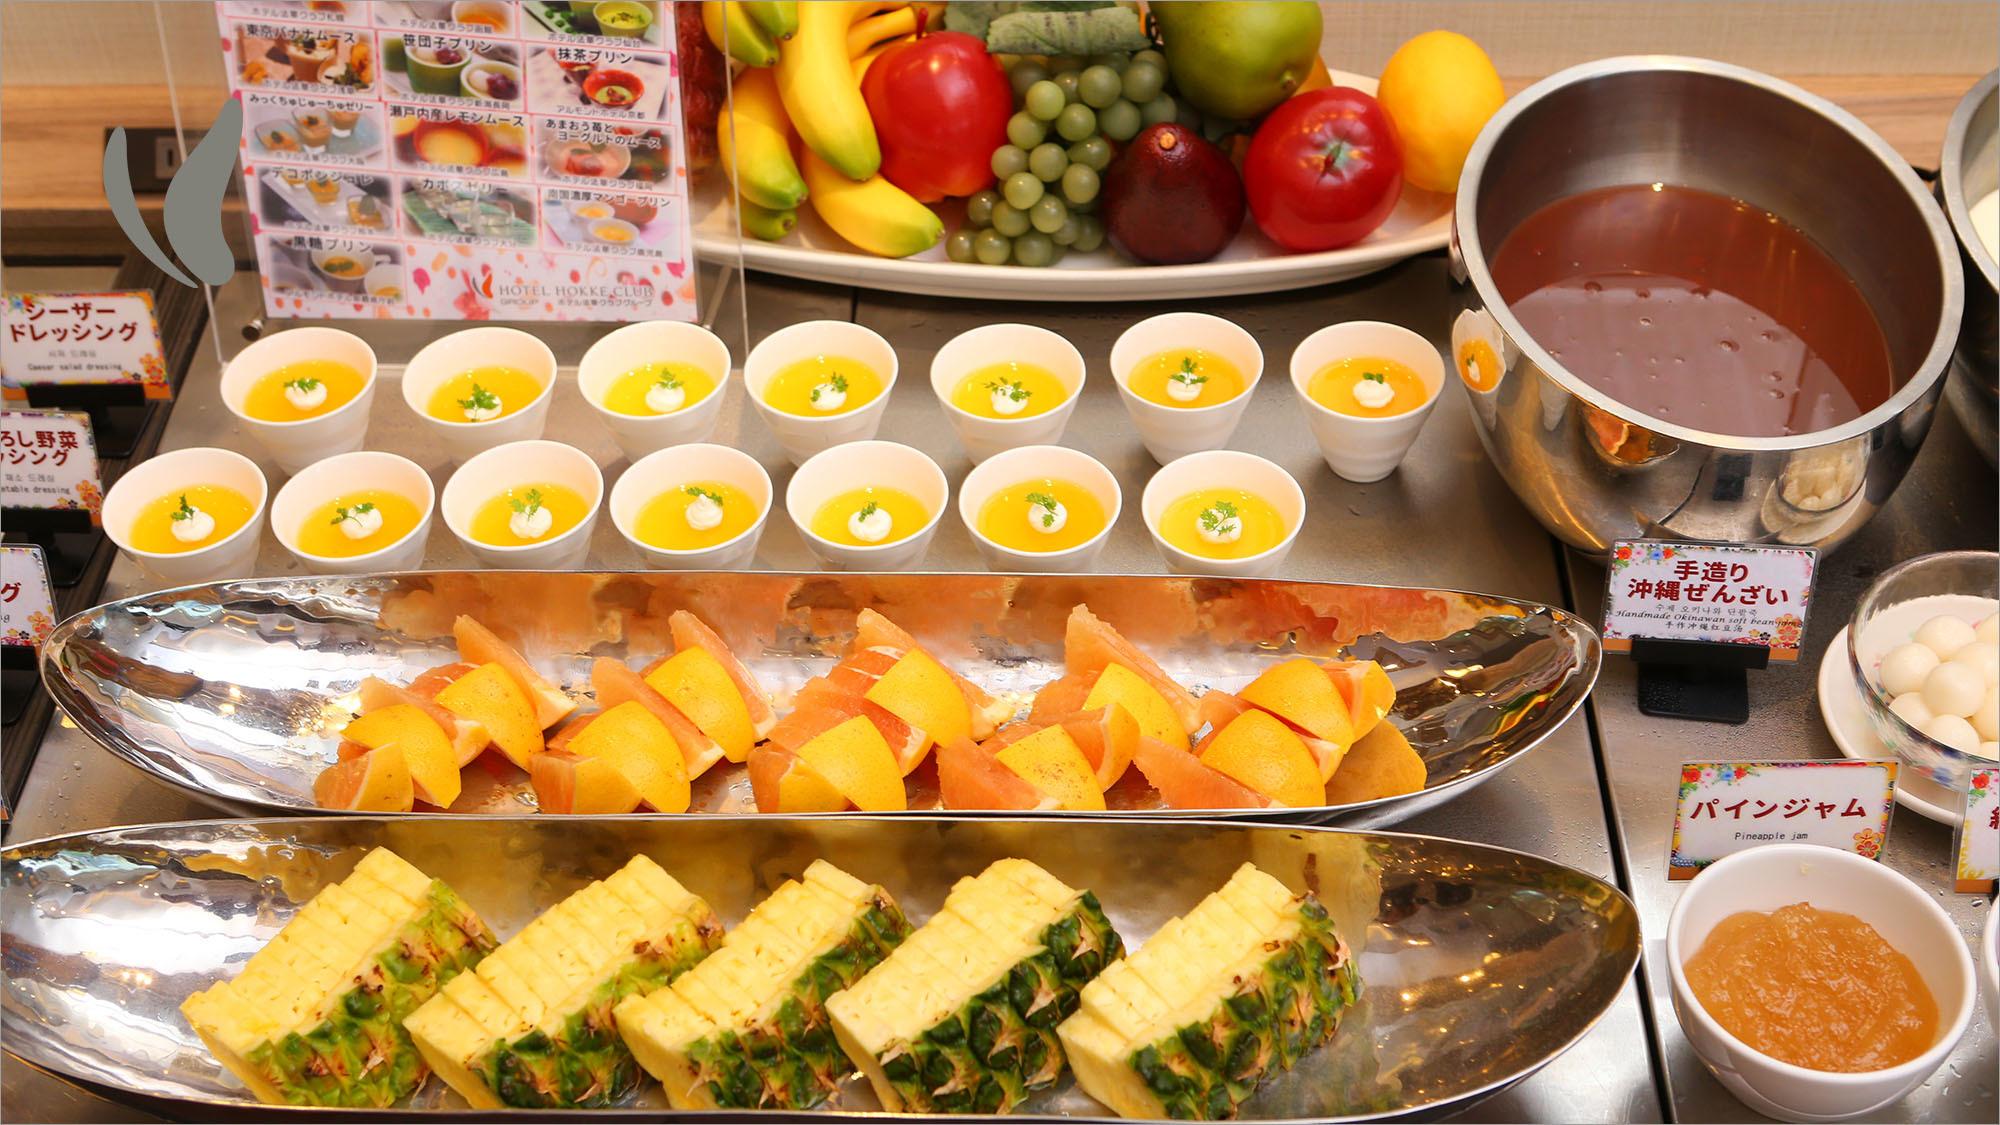 デザート・フルーツ各種